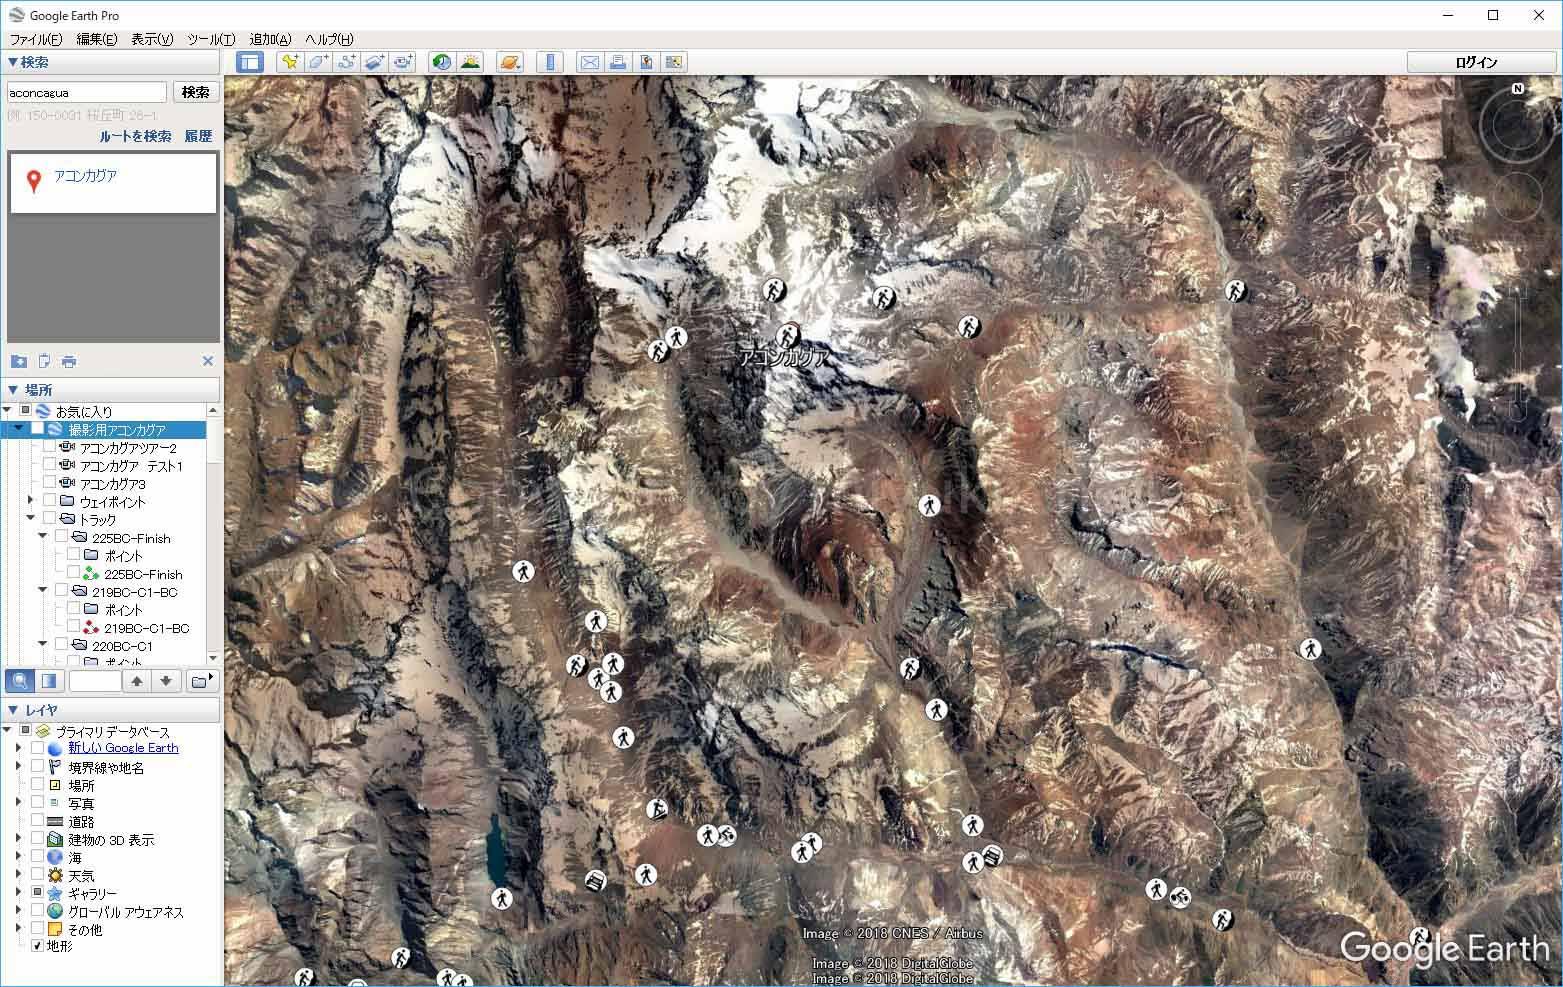 Garmin用GPSデータをgoogle earth からダウンロードする方法